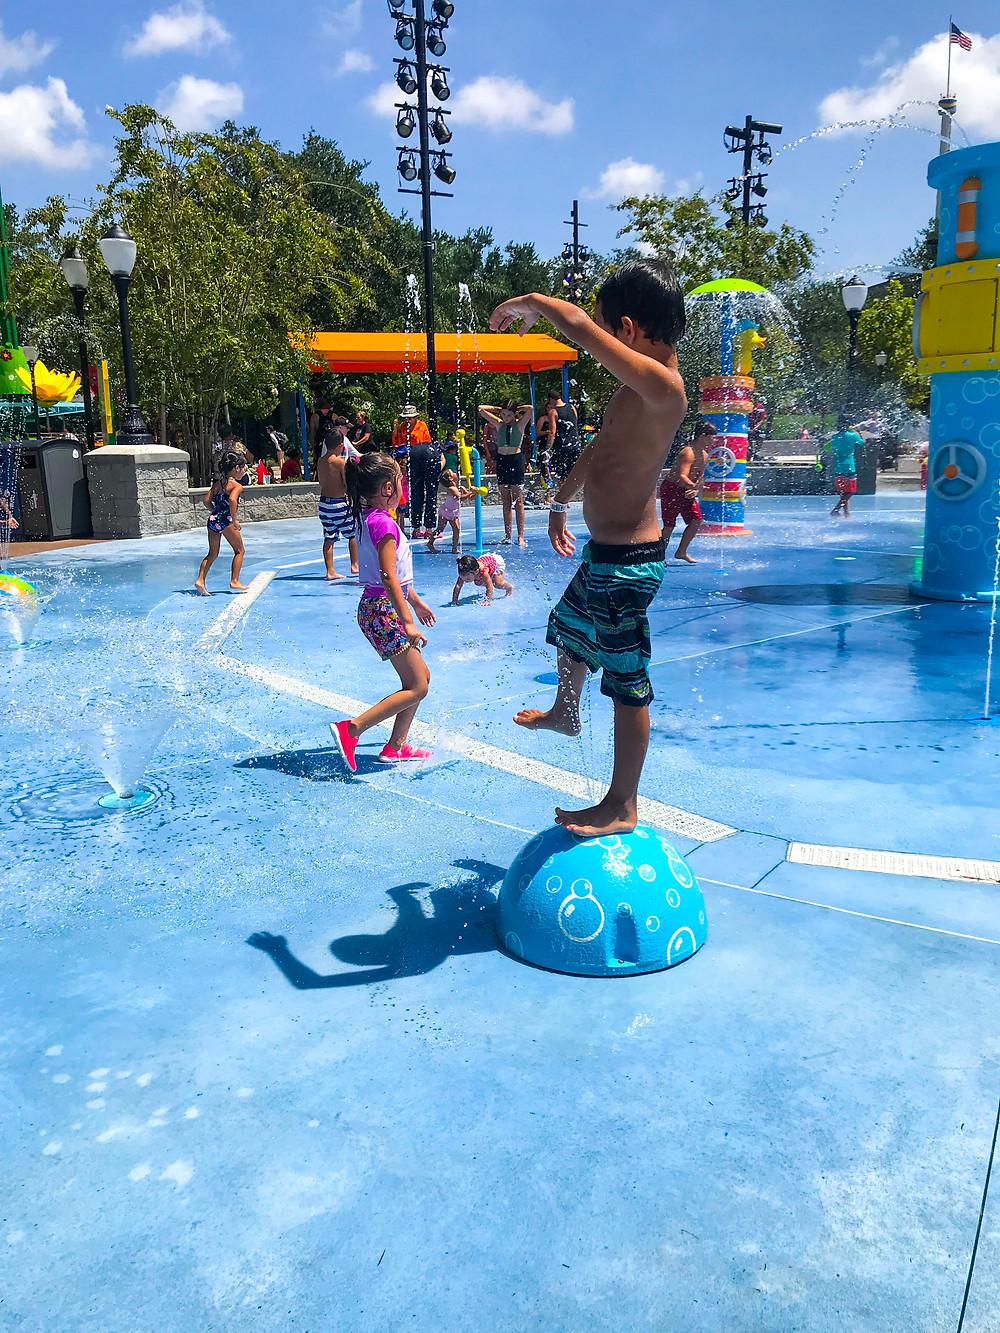 Wearing swim trunks for Sesame Street Land at SeaWorld Orlando